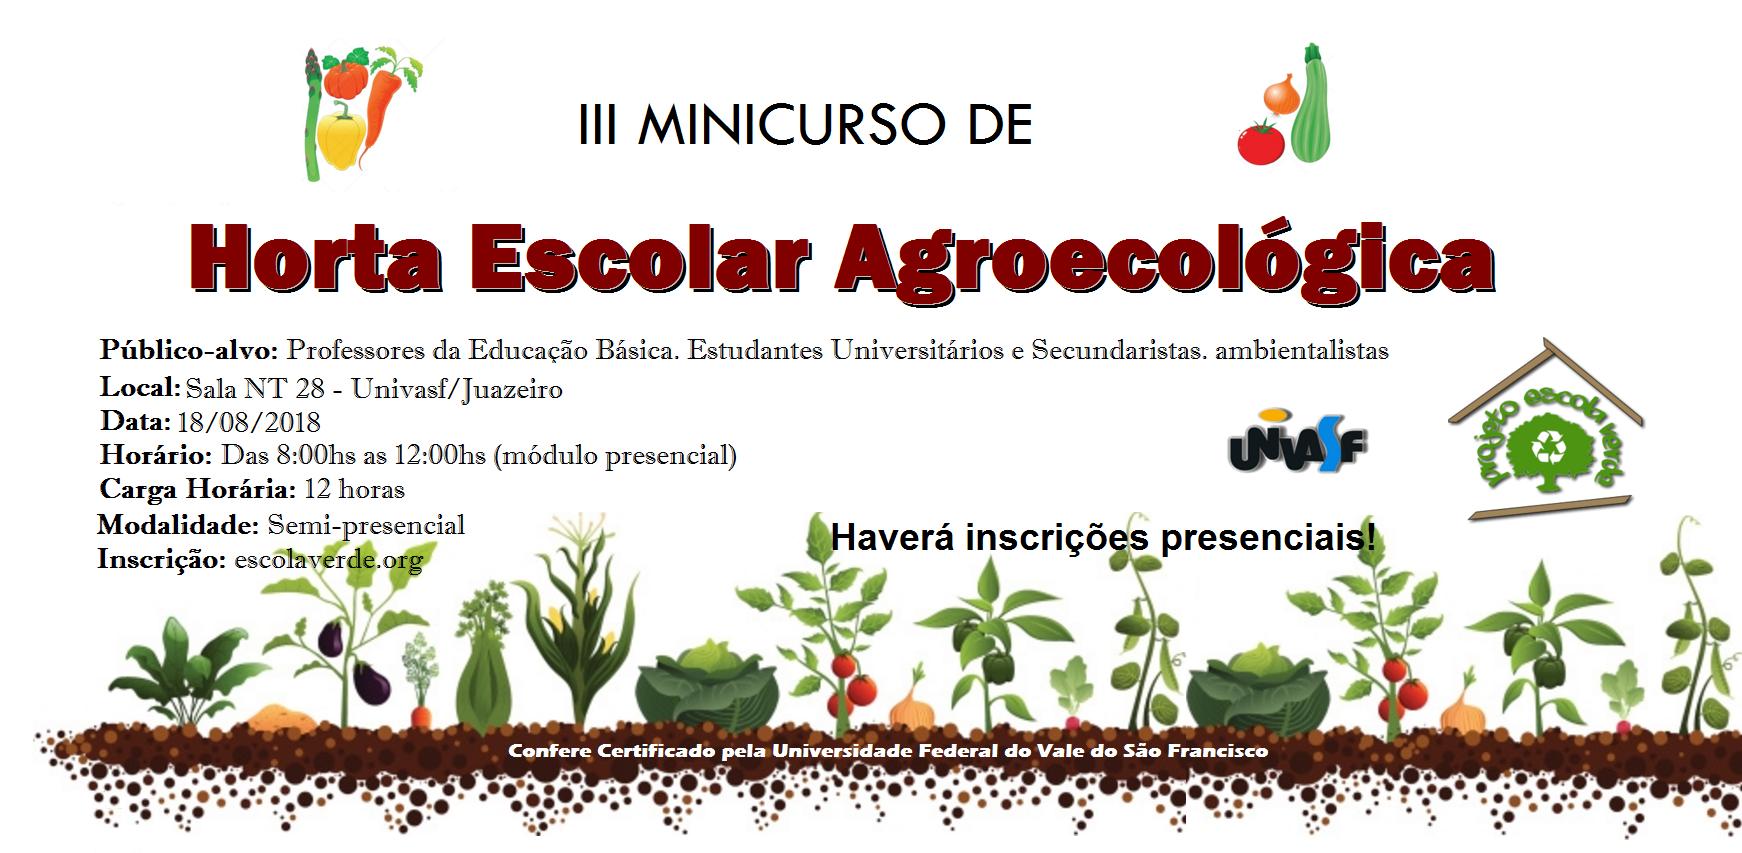 banner do III minicurso de horta escolar agroecológica